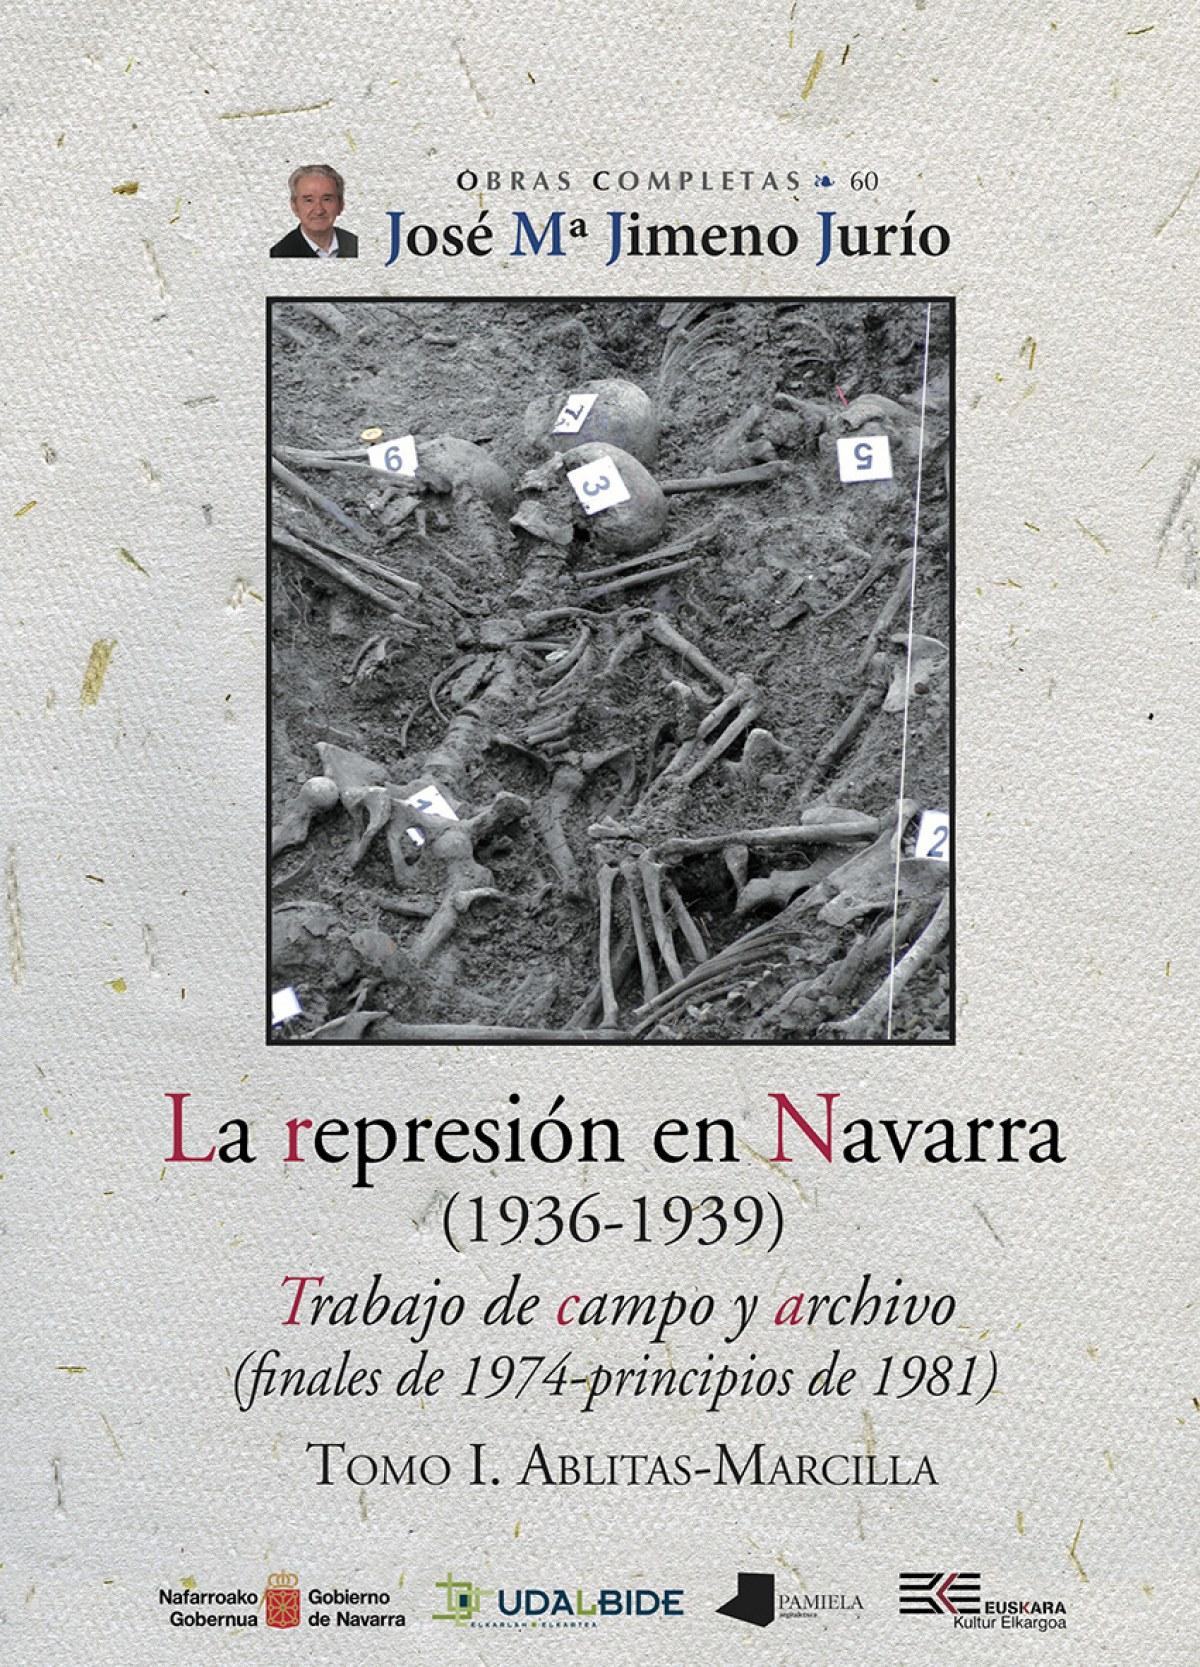 La represión en Navarra (1936-1939) Tomo I. Ablitas-Marcilla